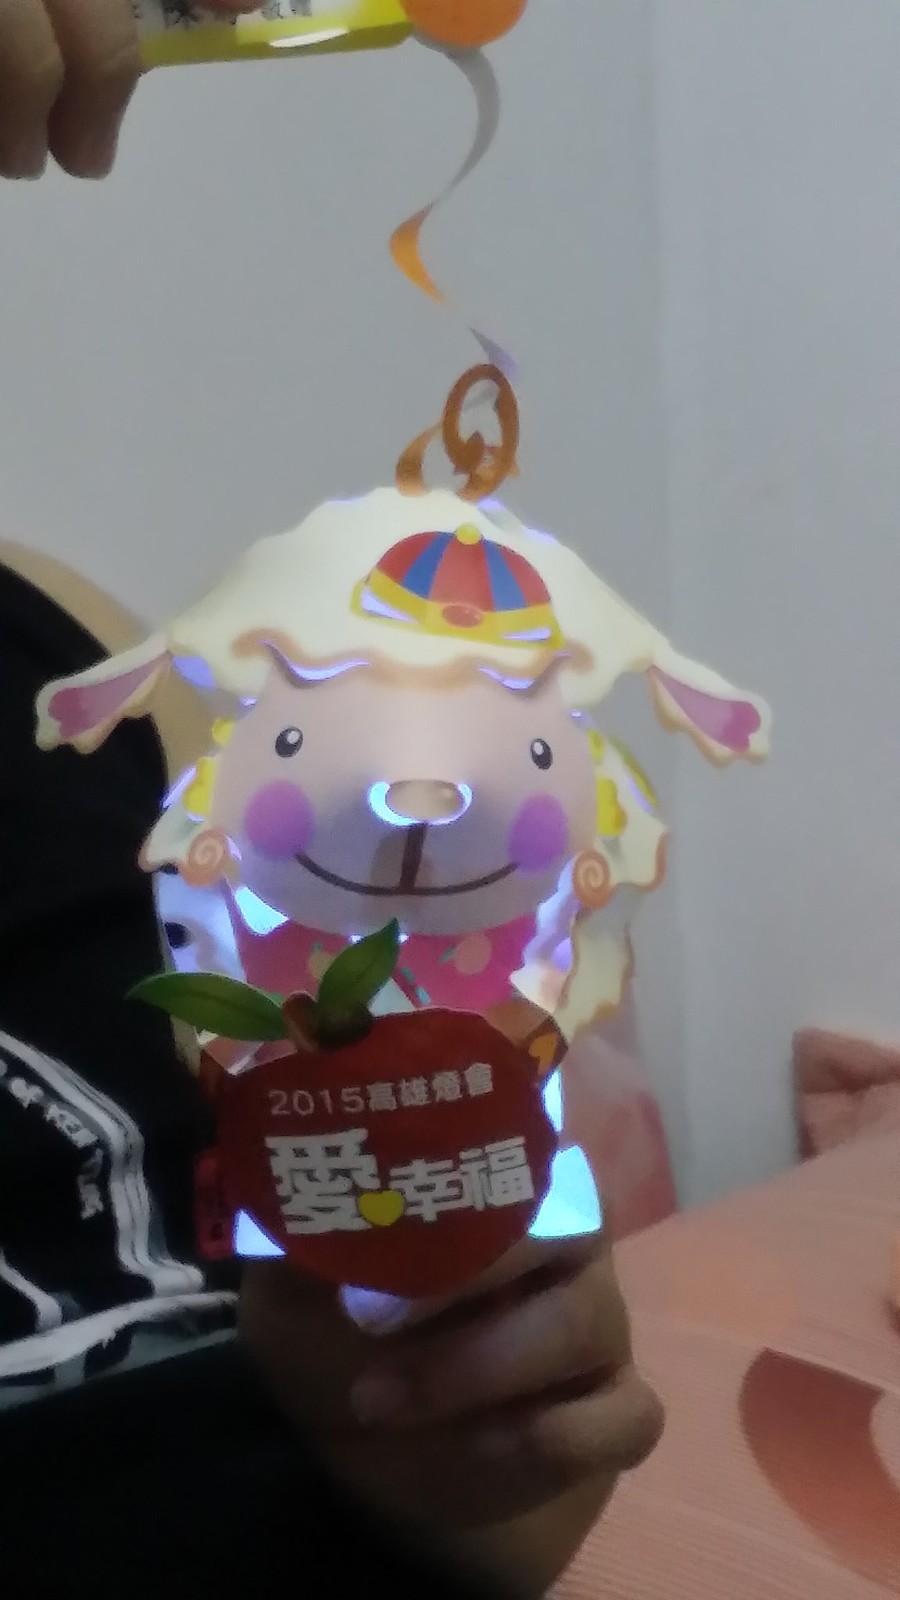 2015高雄燈籠